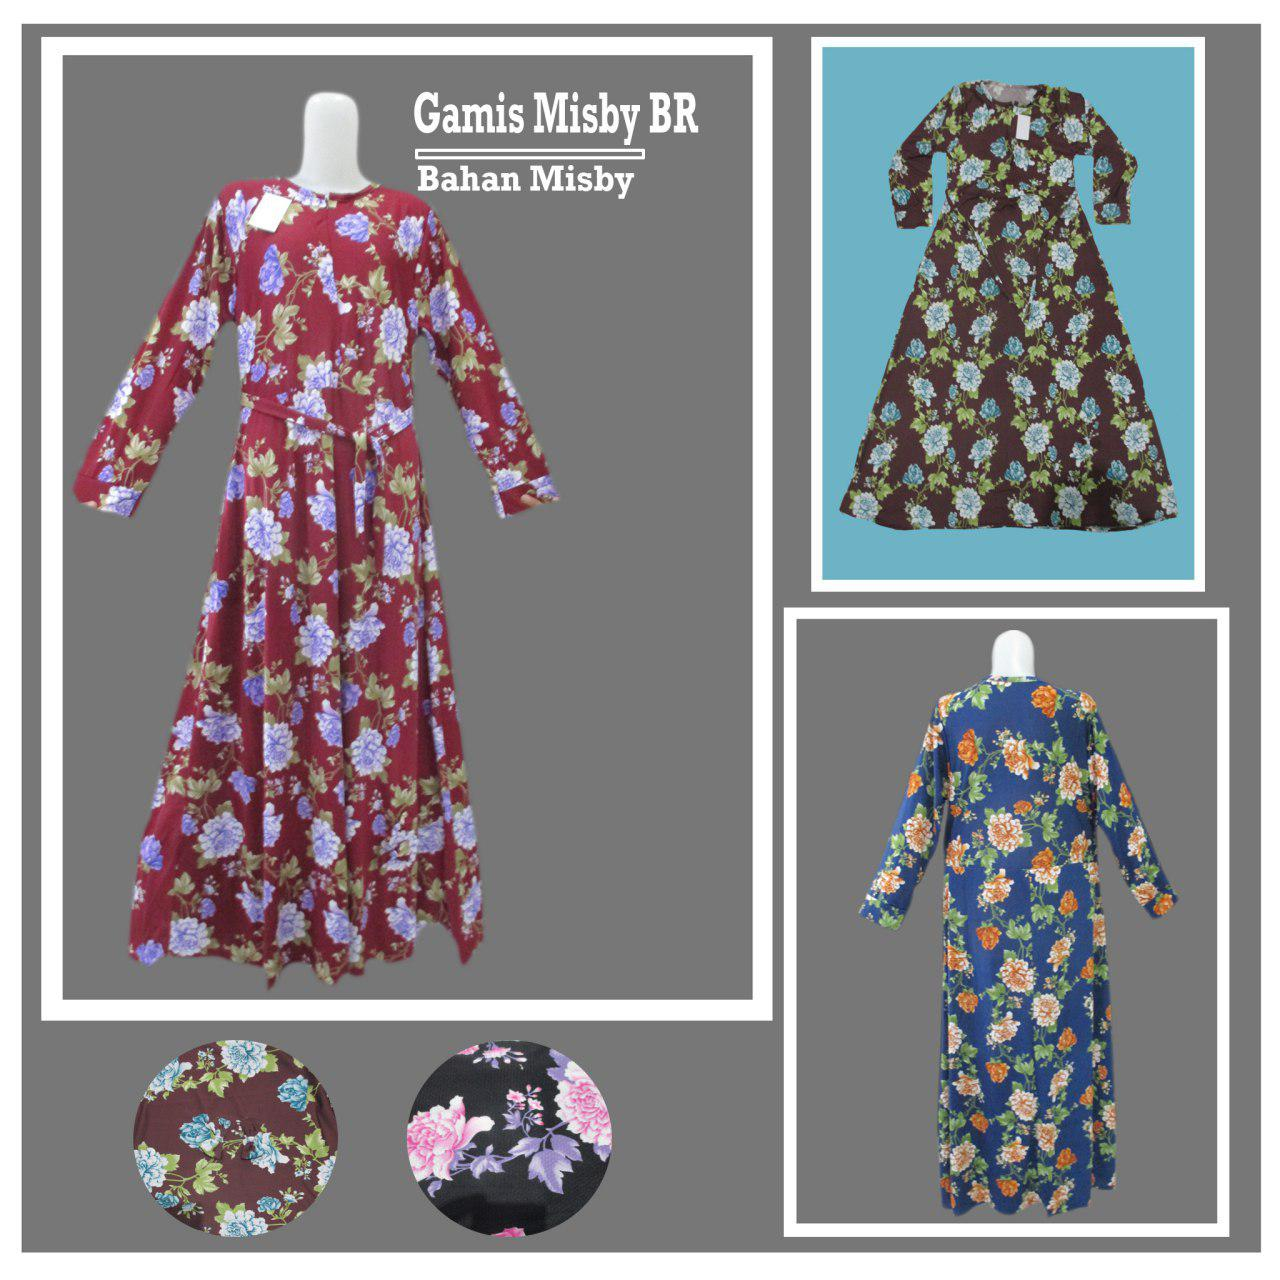 ObralanBaju.com Obral Baju Pakaian Murah Meriah 5000 Gamis Misbey BR